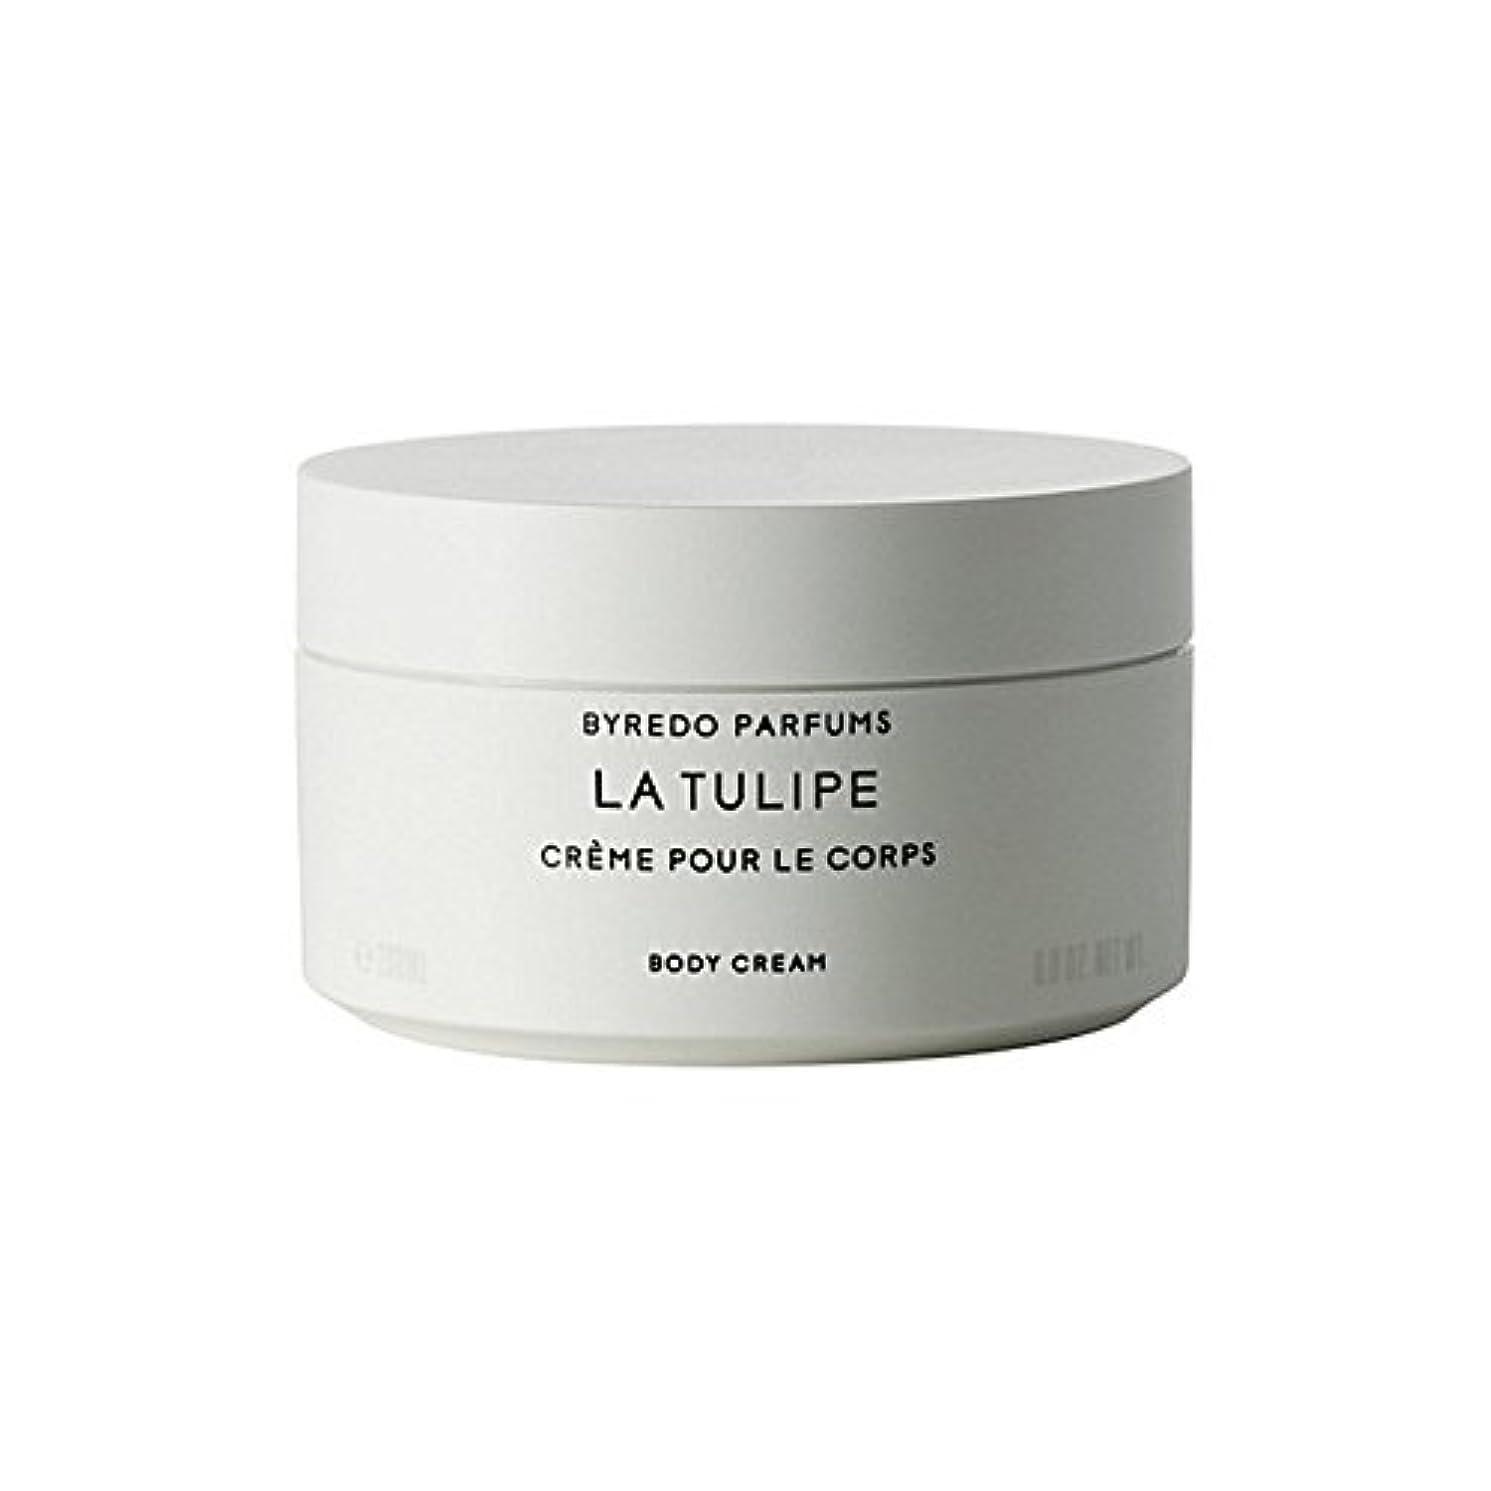 価格褐色効率的Byredo La Tulipe Body Cream 200ml (Pack of 6) - ラチューリップボディクリーム200ミリリットル x6 [並行輸入品]